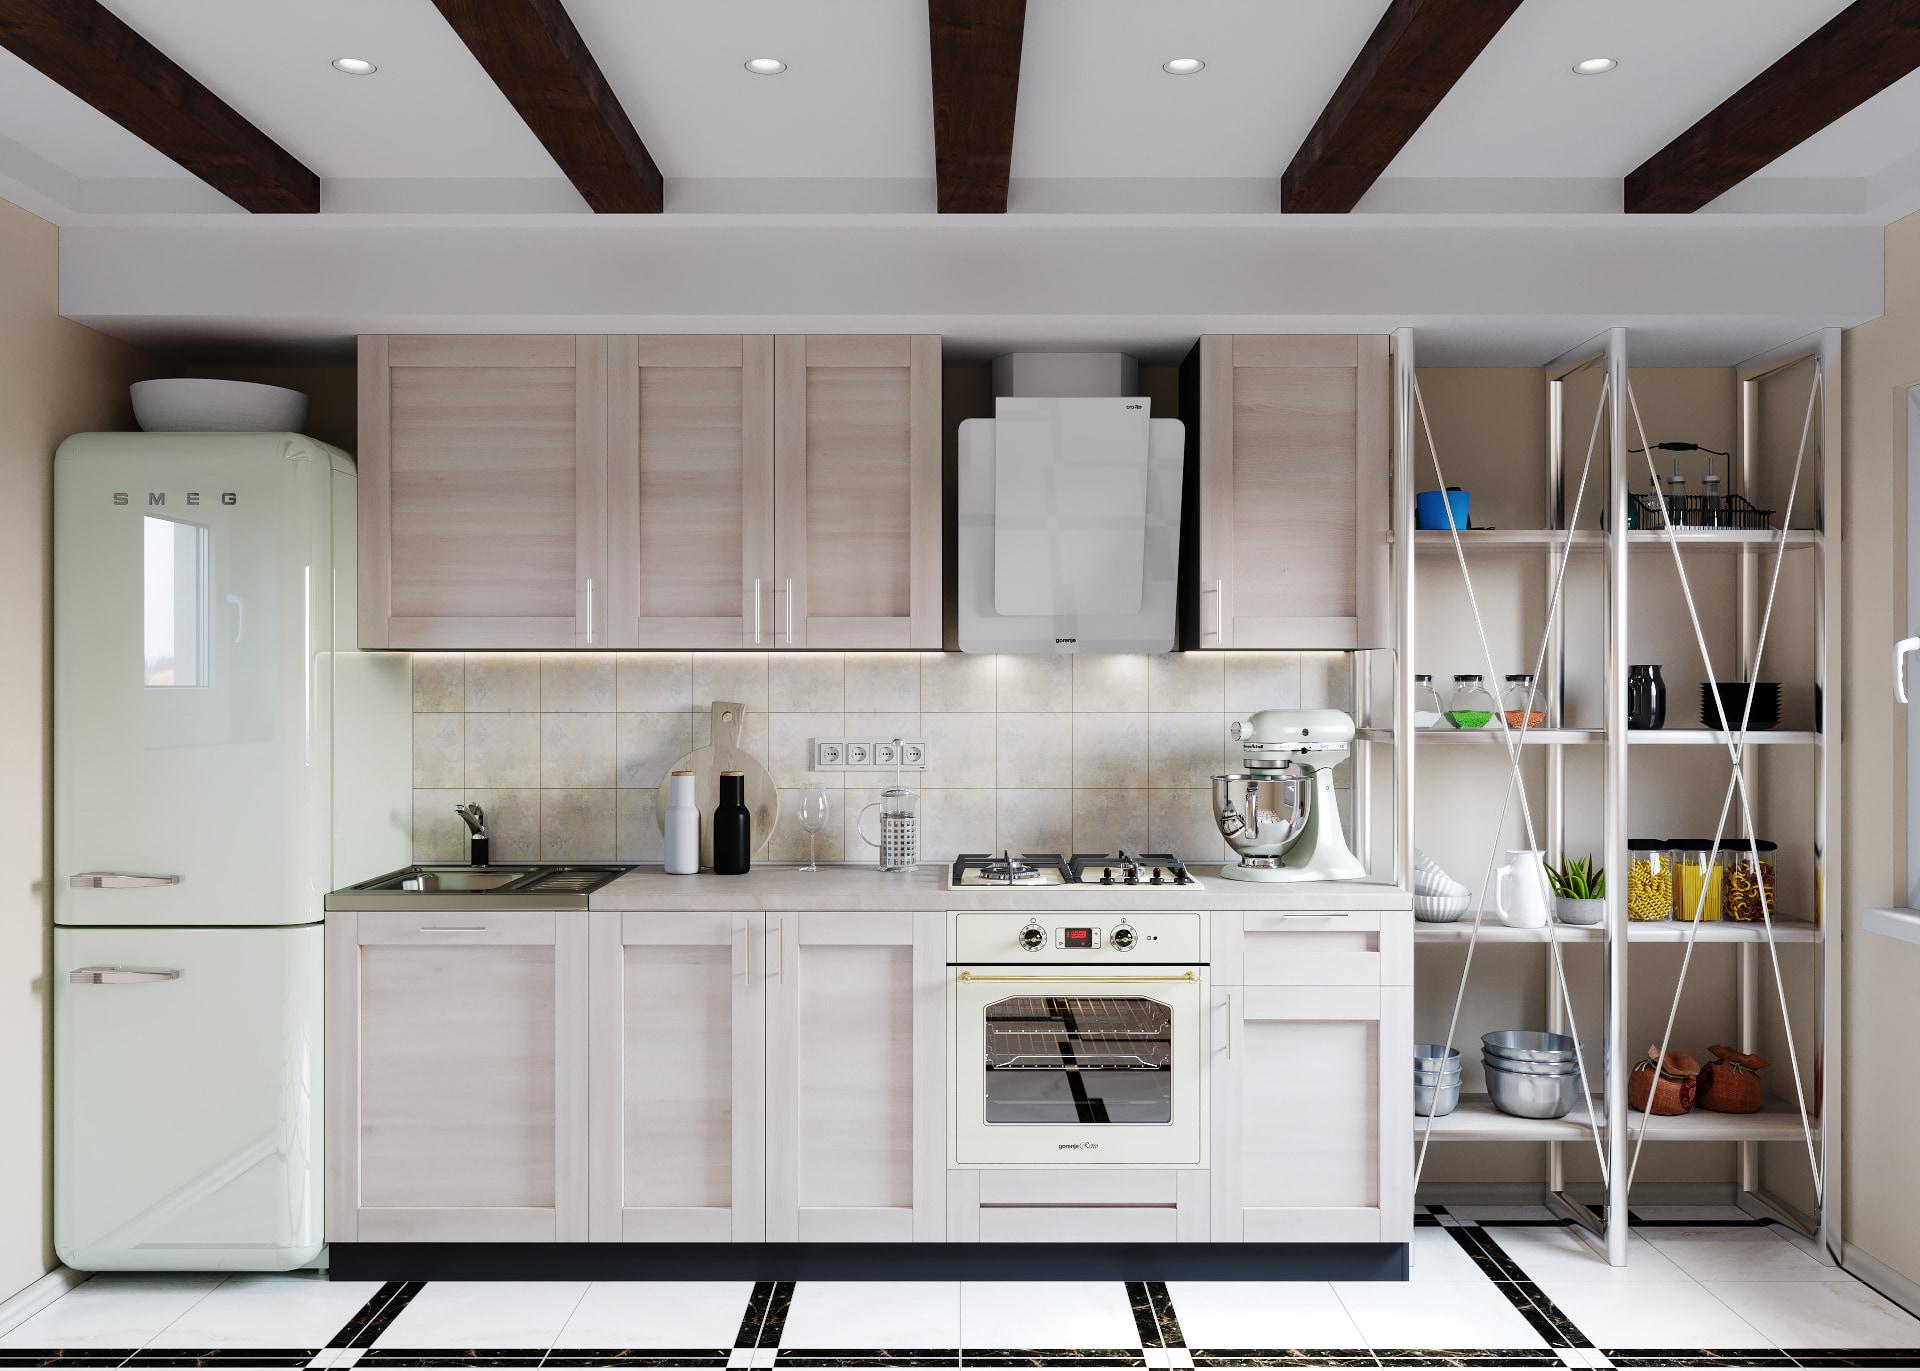 интерьер черно-белой ретро кухни